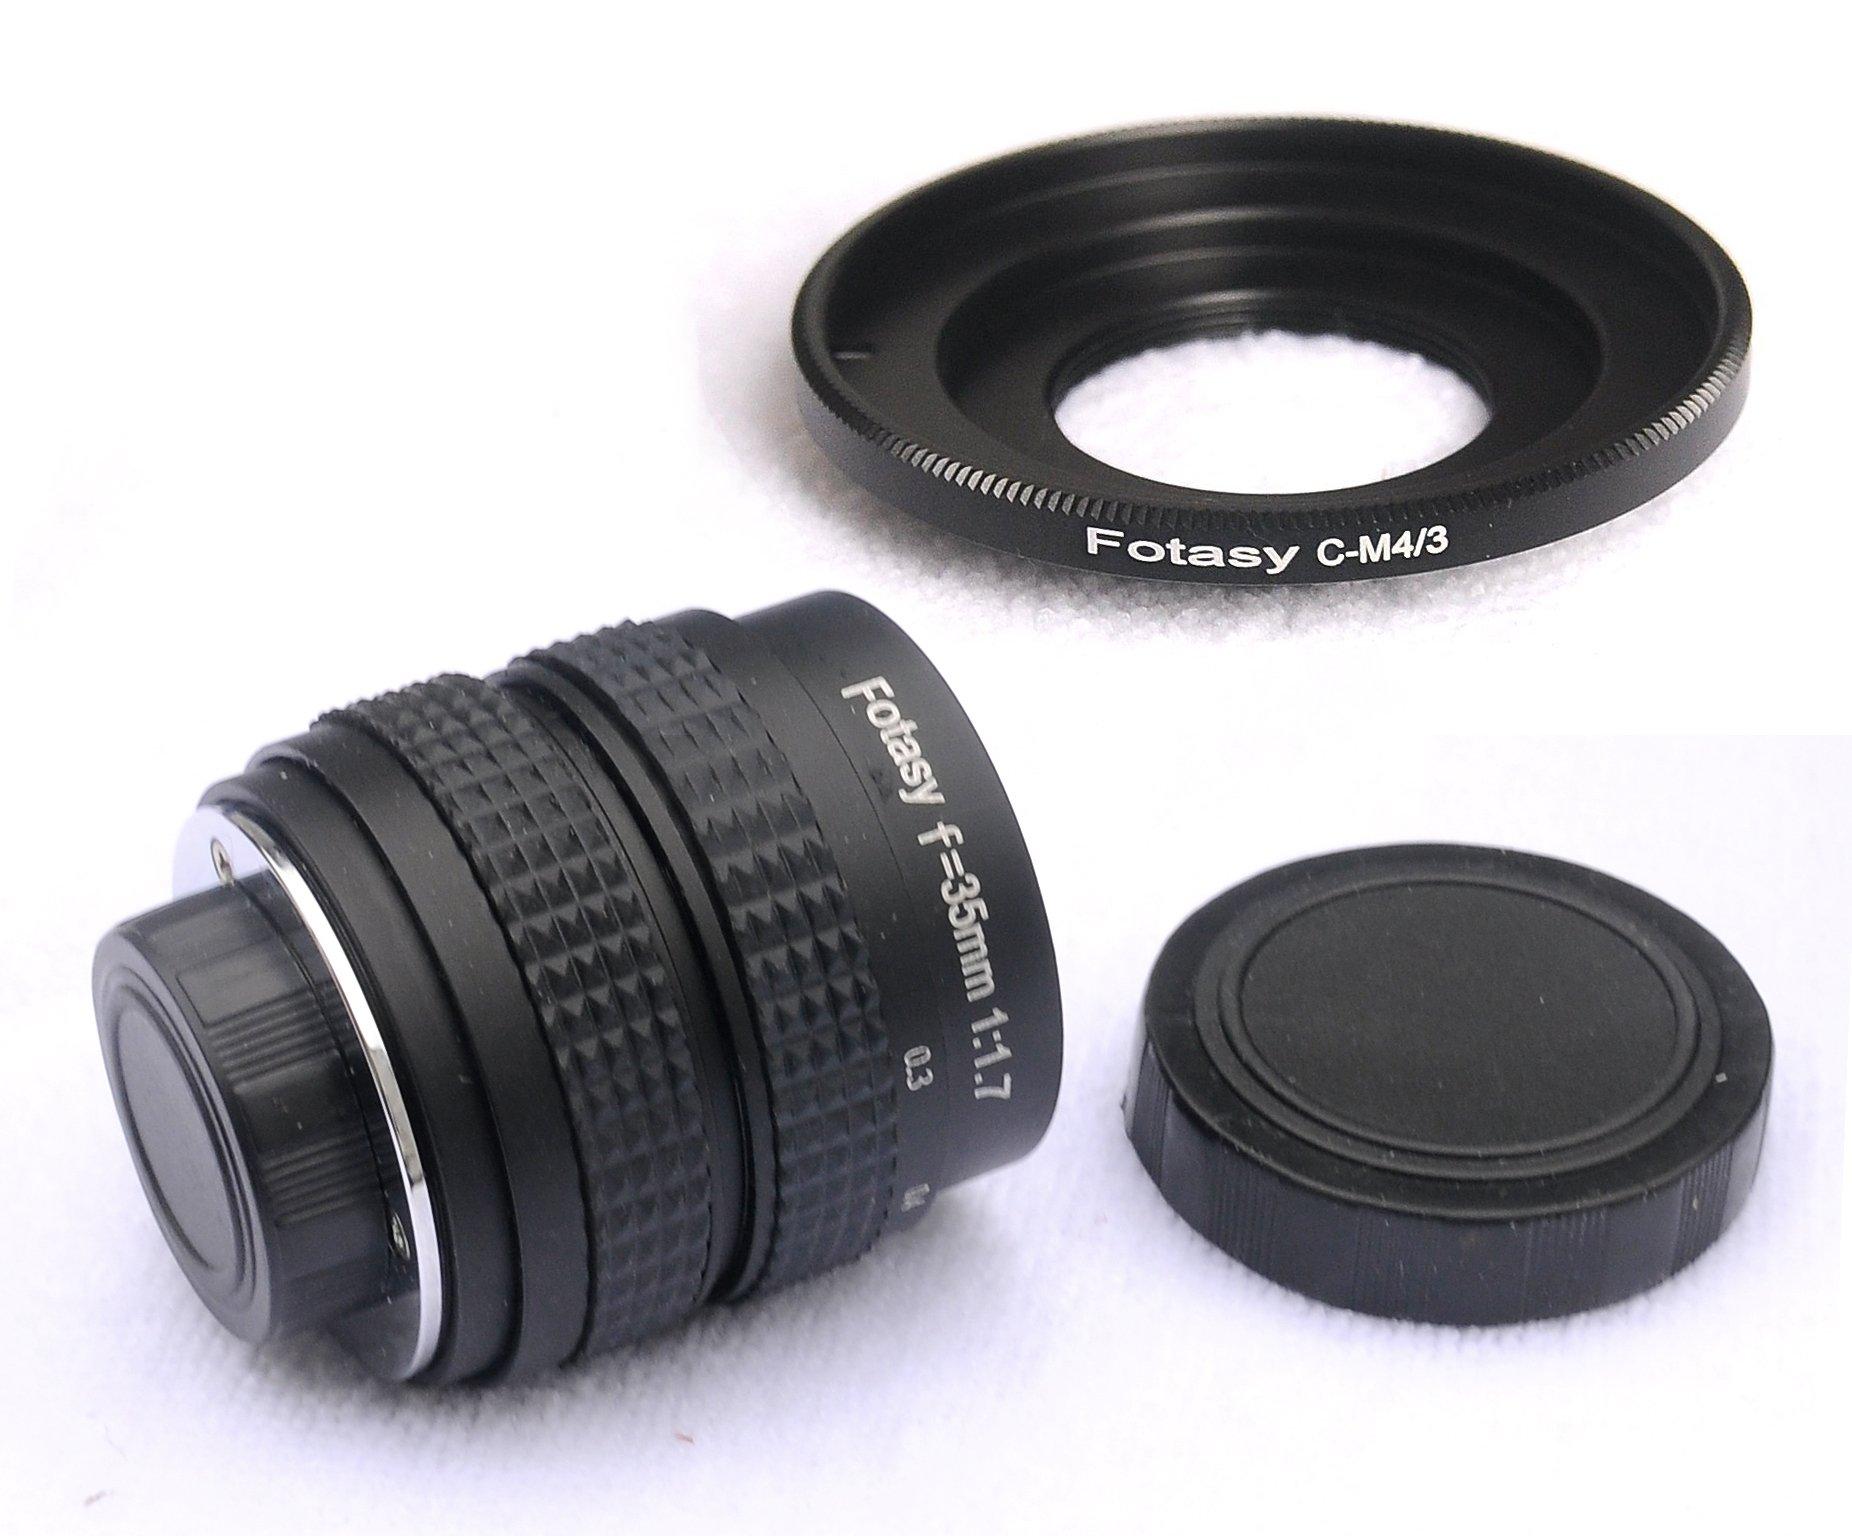 Fotasy 35mm f1.7 Lens for M43 MFT Micro 4/3 Mirrorless Cameras, fits Olympus E-PL7 E-PL8 OM-D E-M1 I II E-M1X E-M5 I II III E-PM2 E-PM1/Panasonic G7 G9 GF6 GF7 GF8 GH5 GM5 GX7 GX8 GX9 GX85 GX80 GX85 by Fotasy